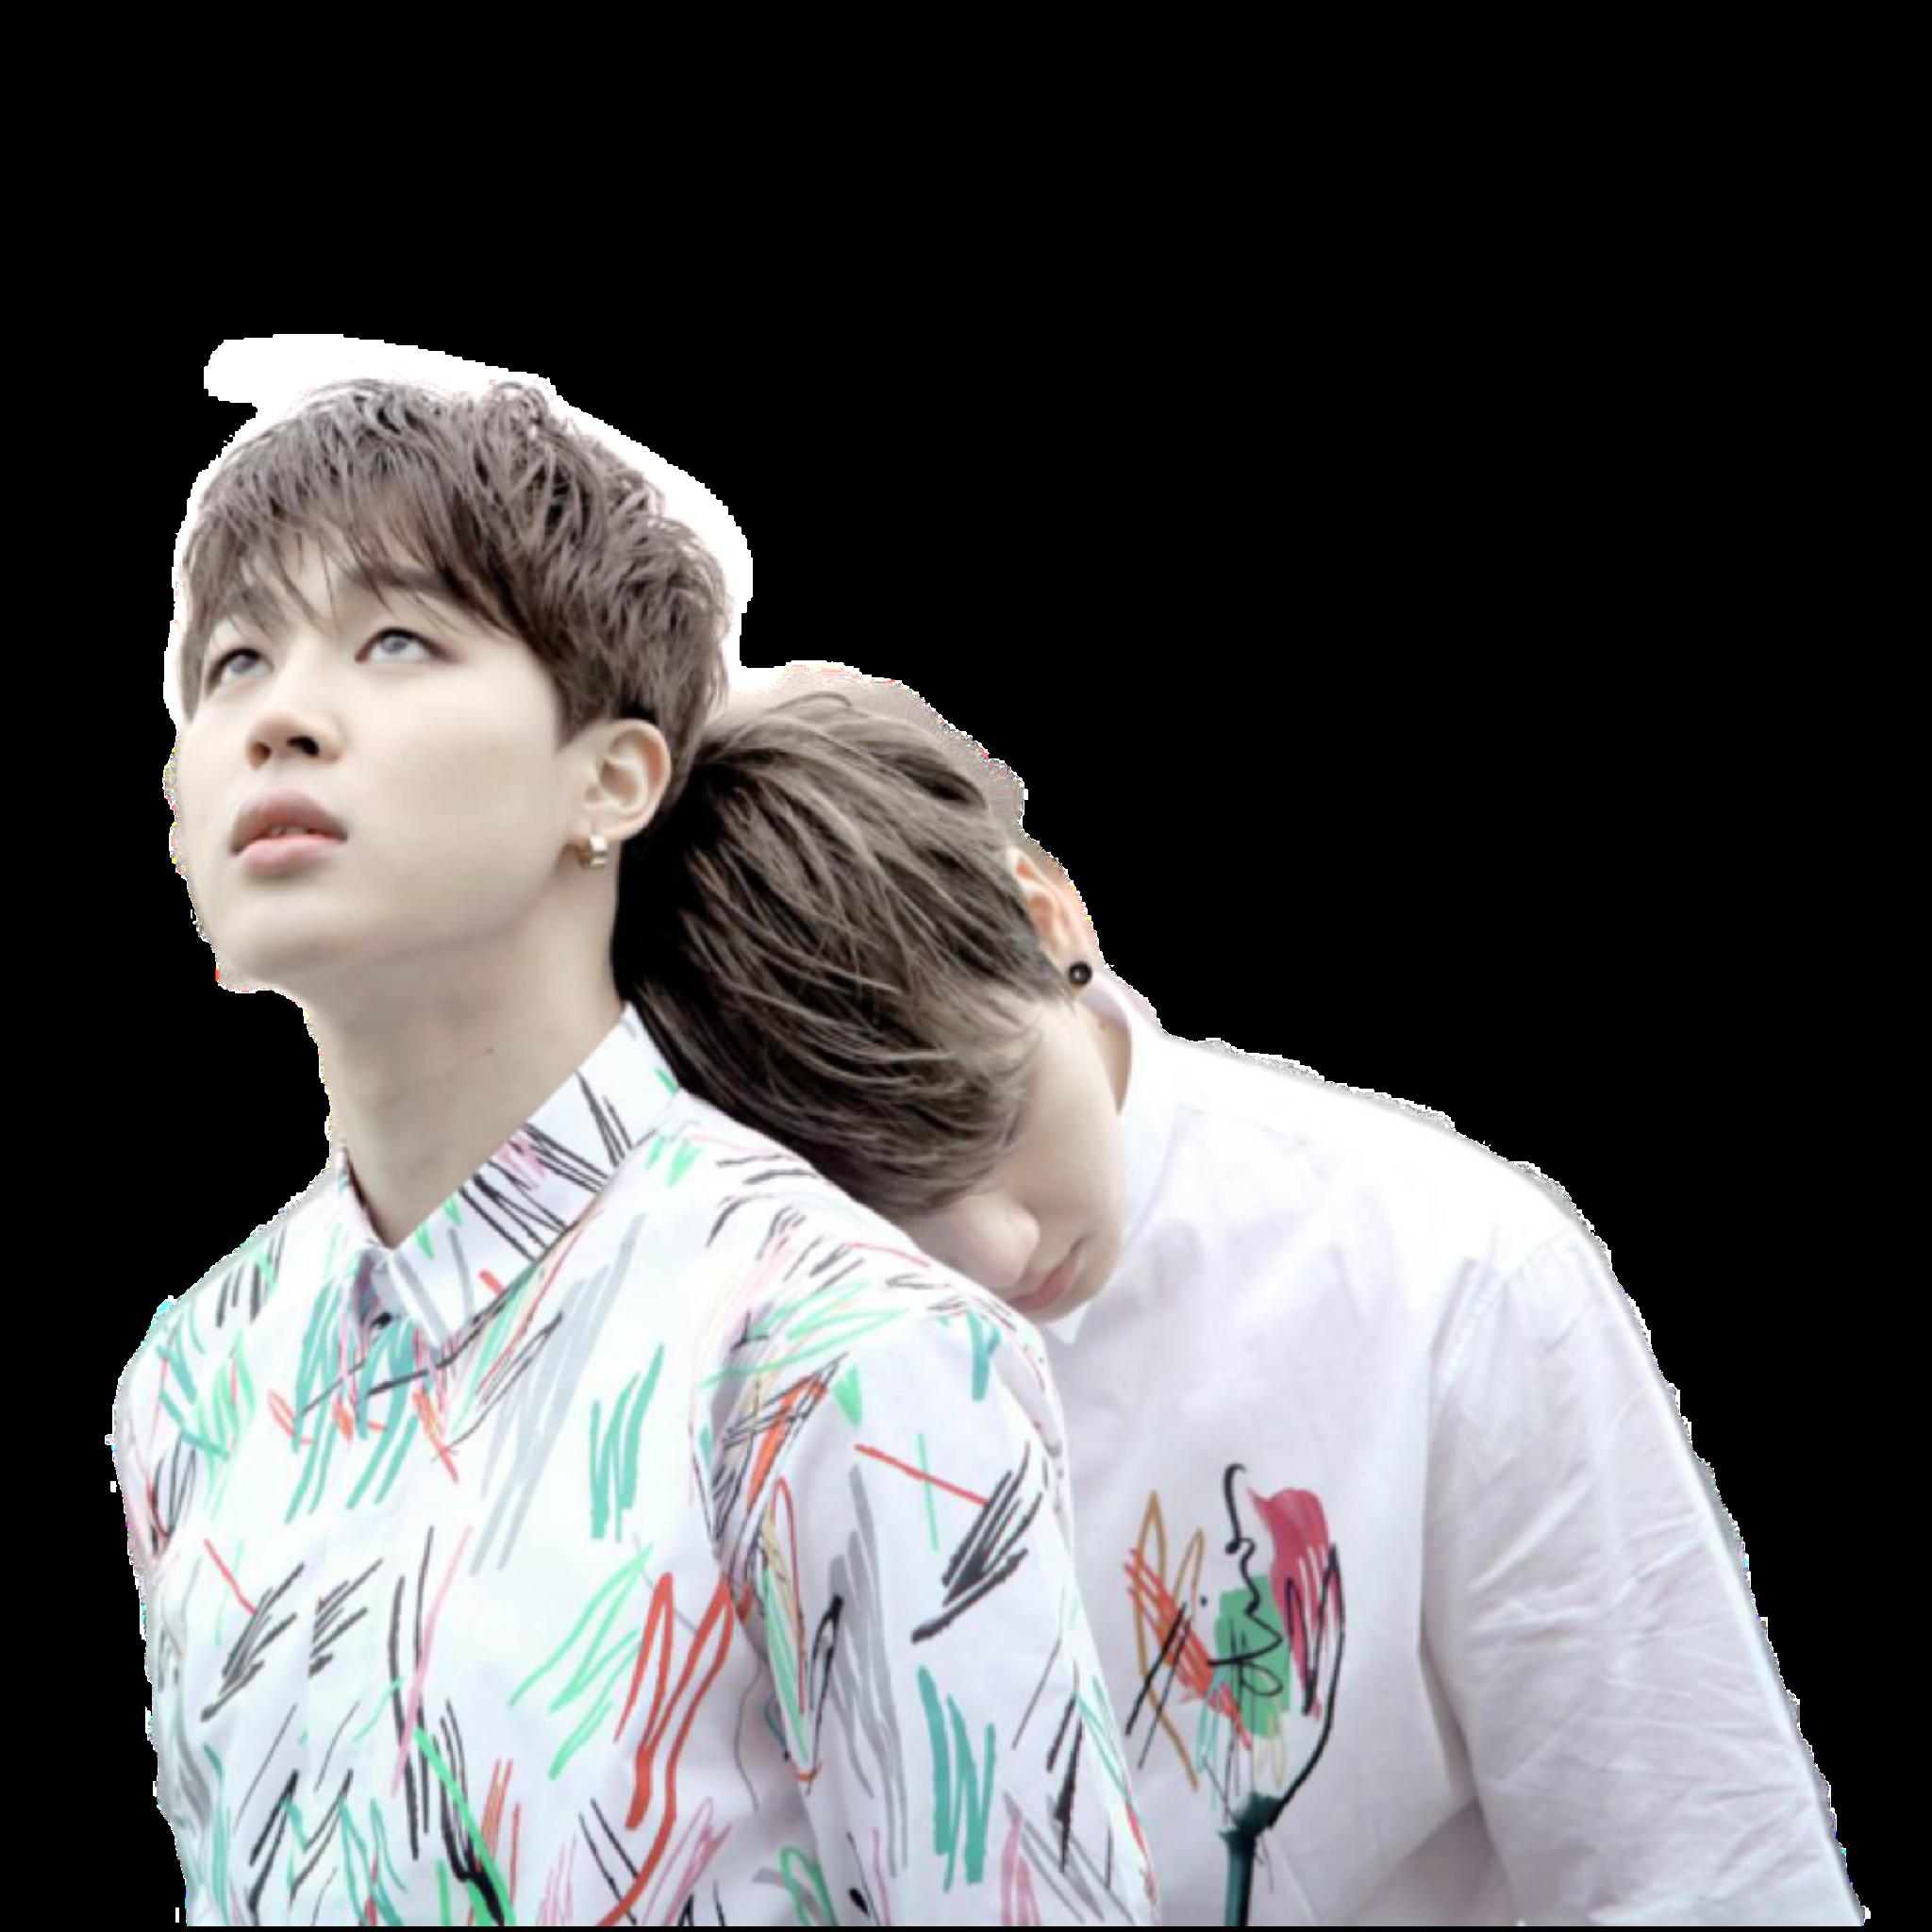 Jimin V Jungkook Wallpaper: Bts Btsarmy Jungkook Jin Suga Jimin Jhope Namjoon Taehy